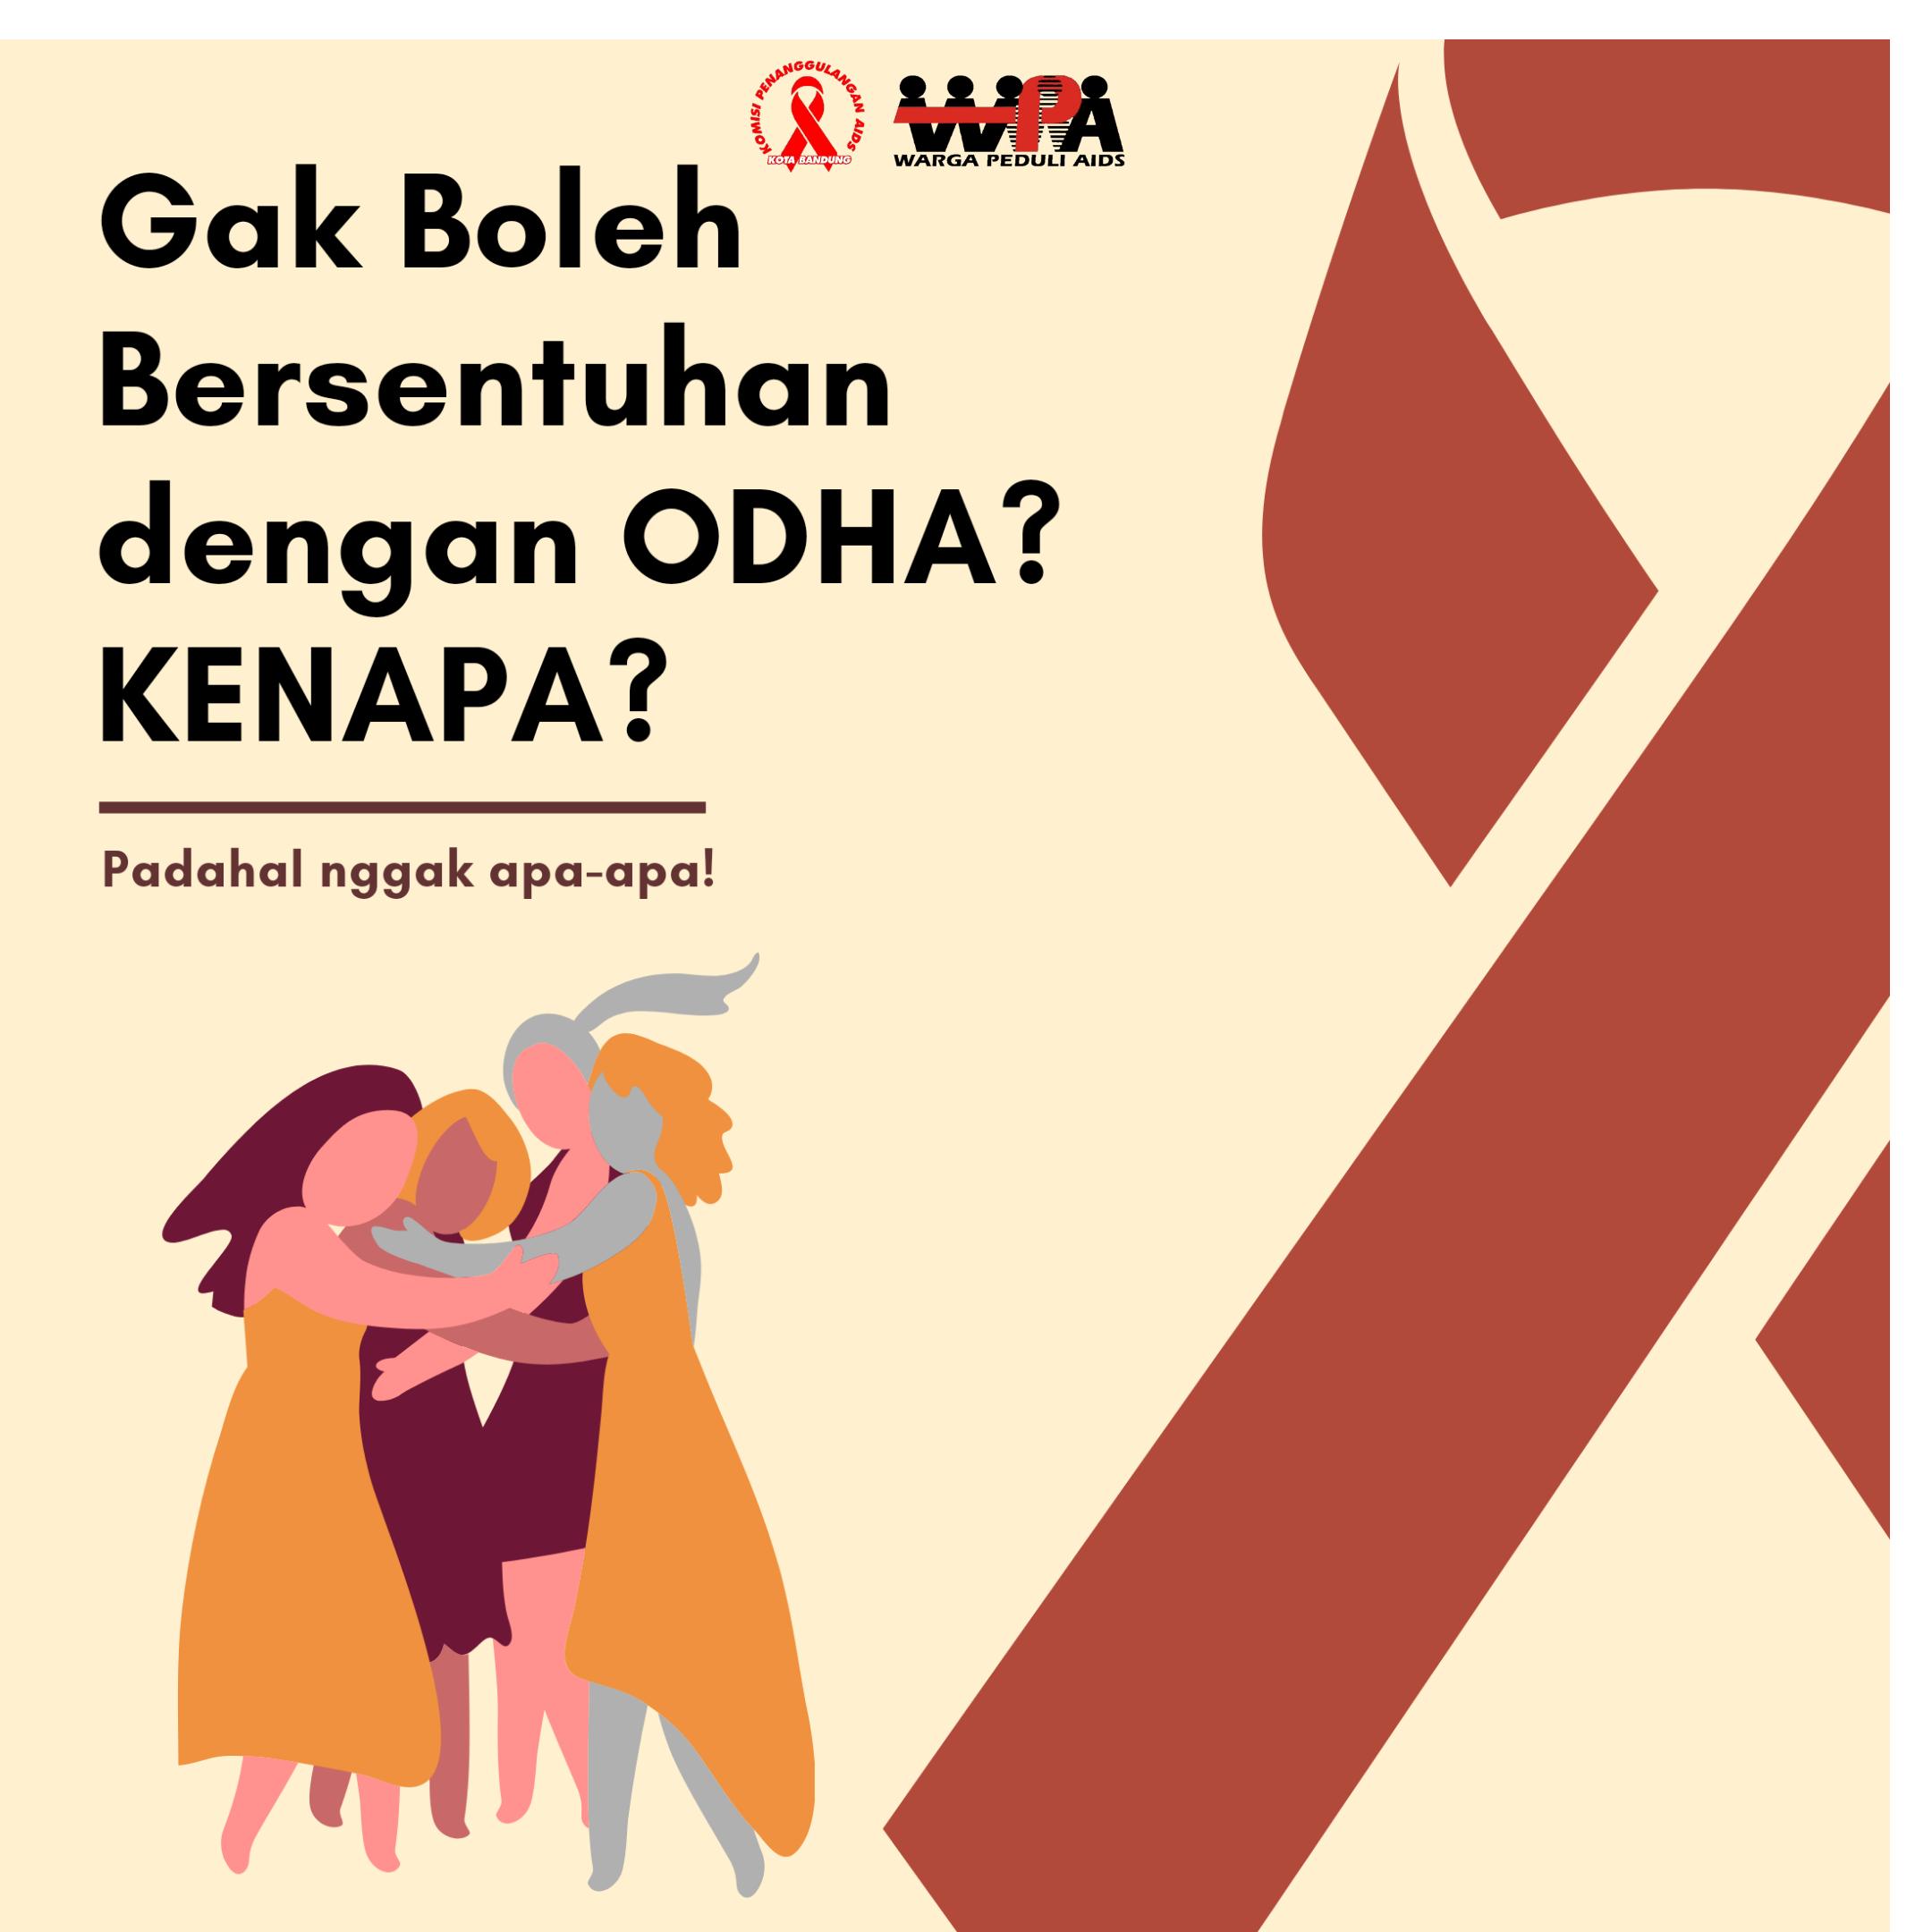 Bersentuhan Bisa Menularkan HIV/AIDS? Kata Siapa!?